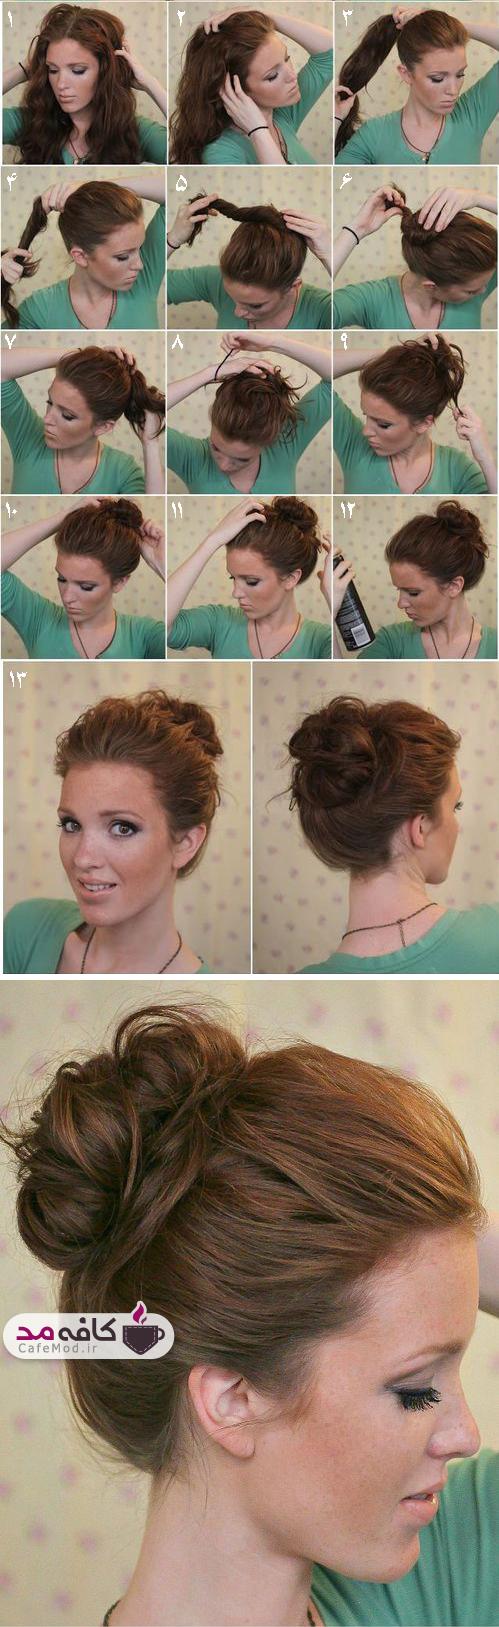 آموزش آرایش موی بلند